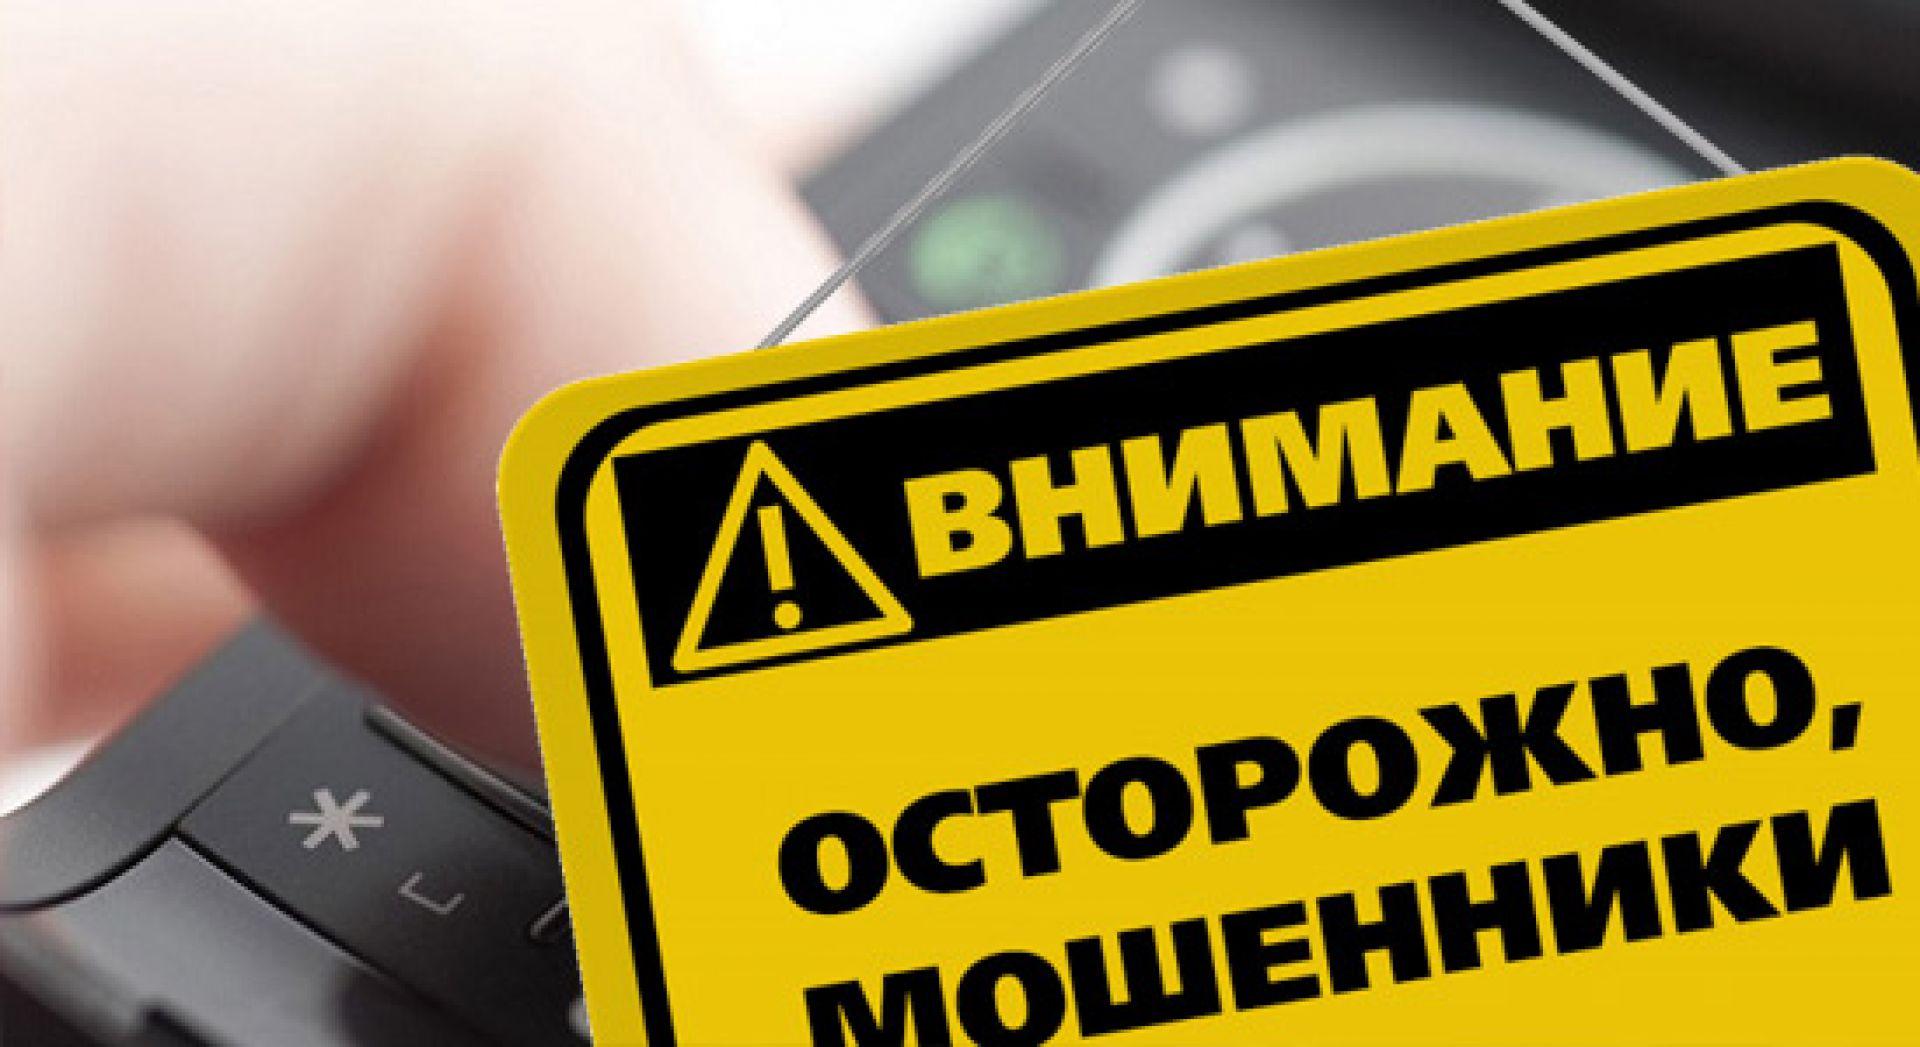 Развод на миллионы: В России появился новый вид мошенничества. Как себя обезопасить?